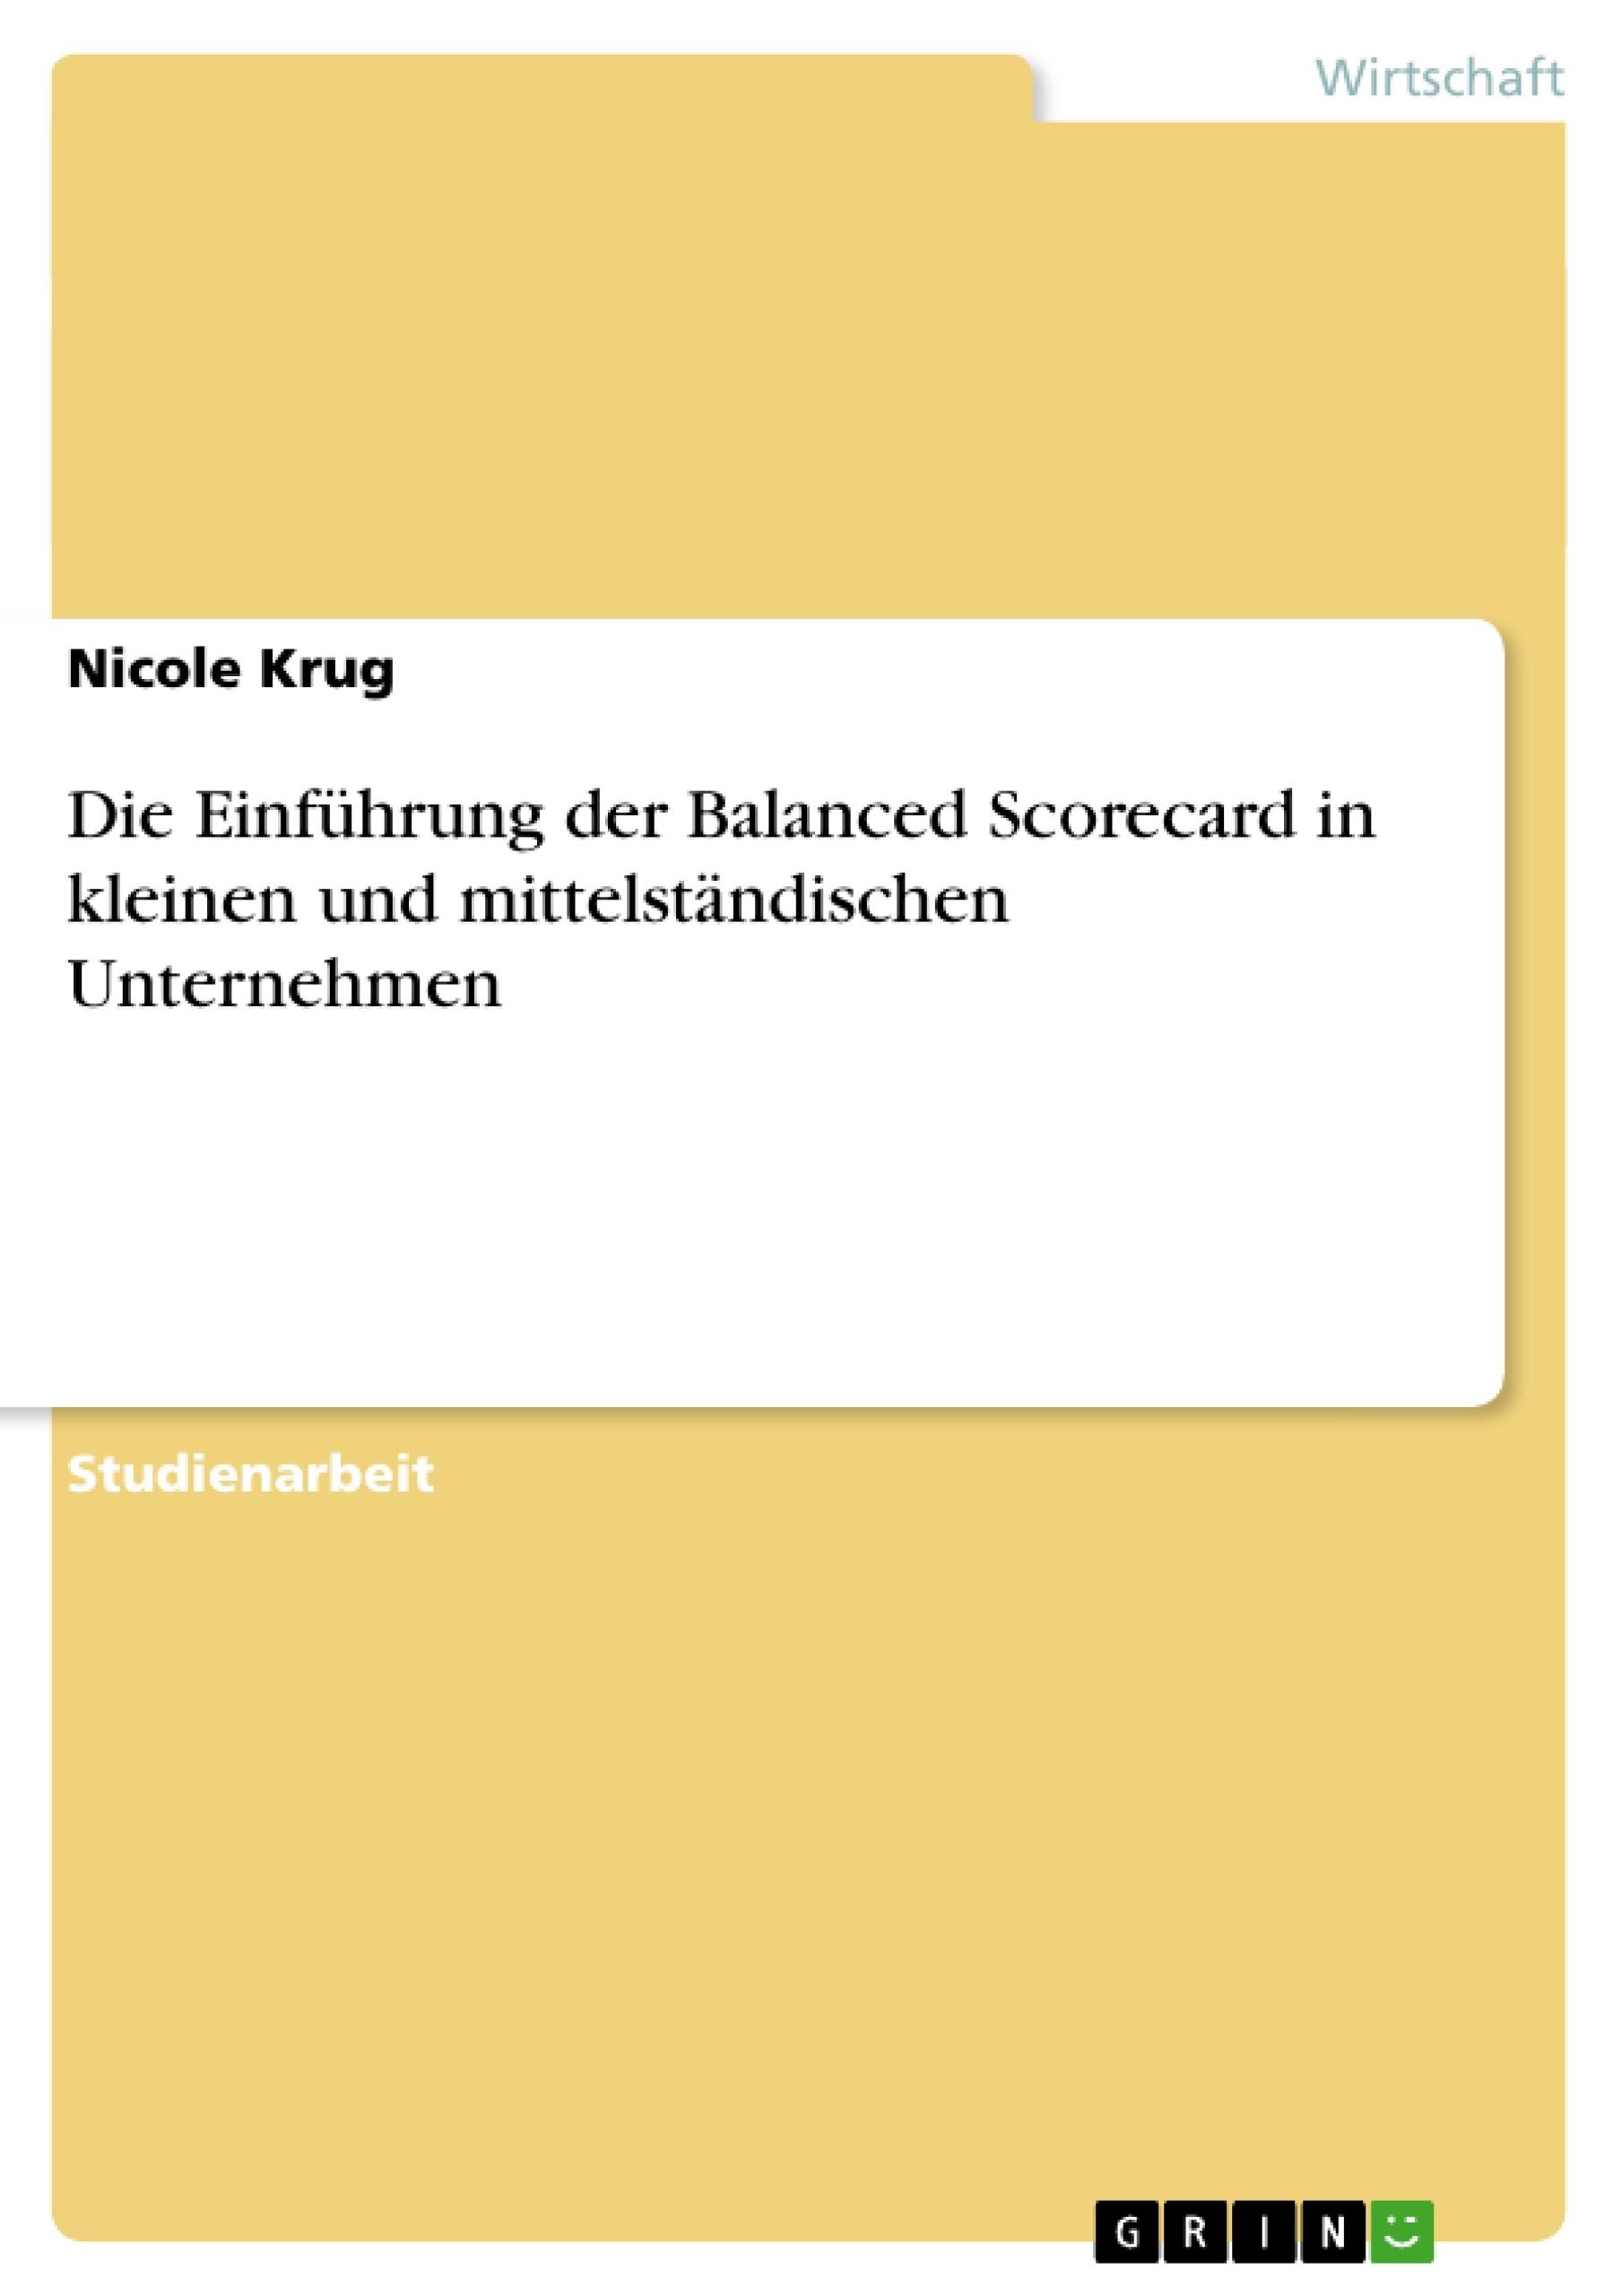 Titel: Die Einführung der Balanced Scorecard in kleinen und mittelständischen Unternehmen